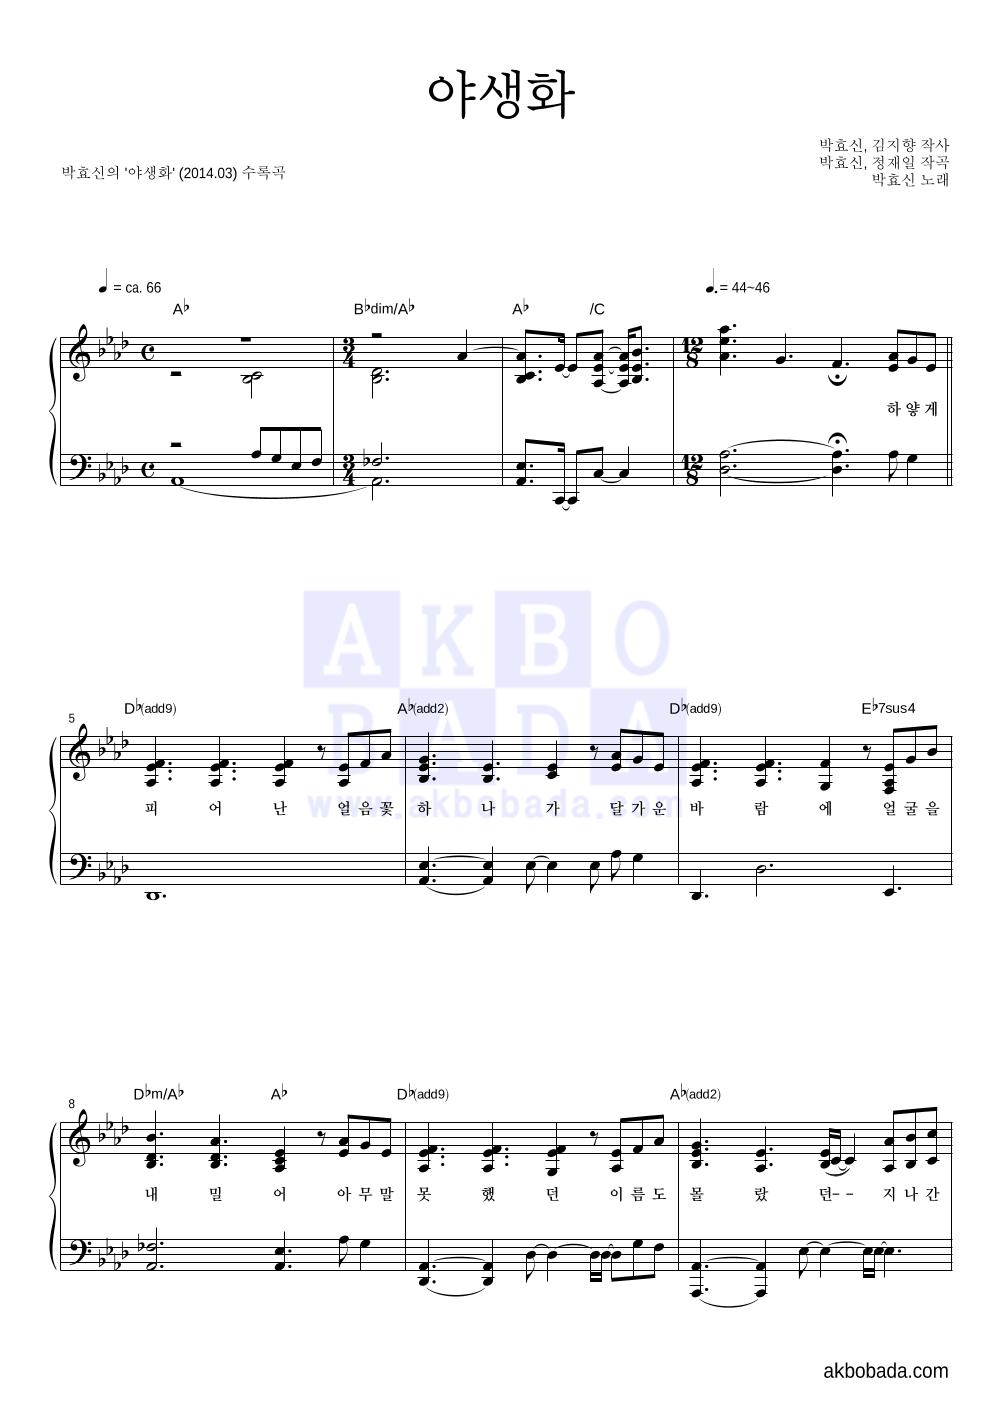 박효신 - 야생화 피아노 2단 악보